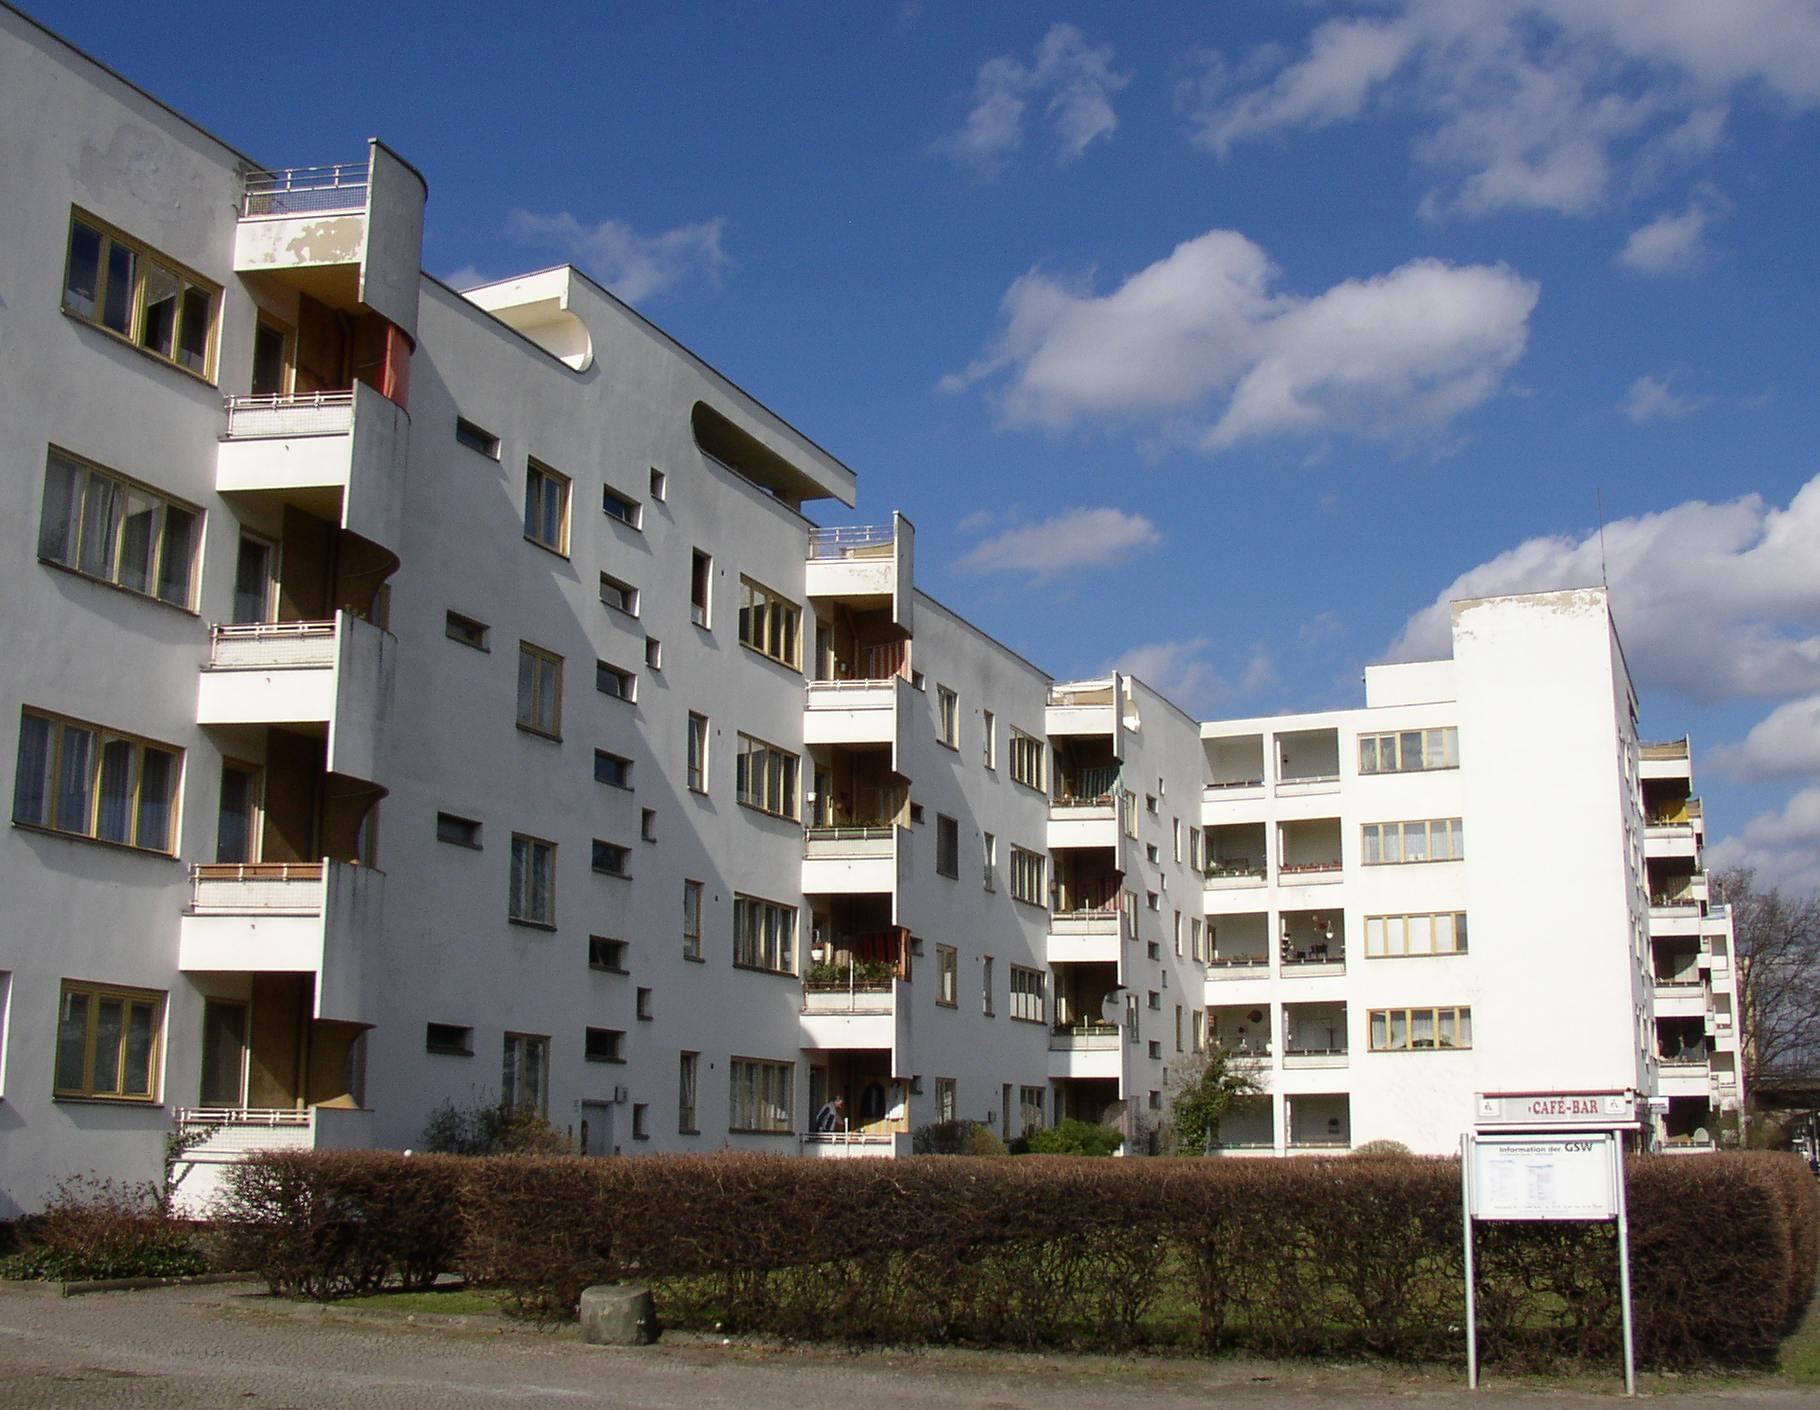 ベルリンの歴史のある建築と最新建築を巡ってみよう!建築マニア必見!